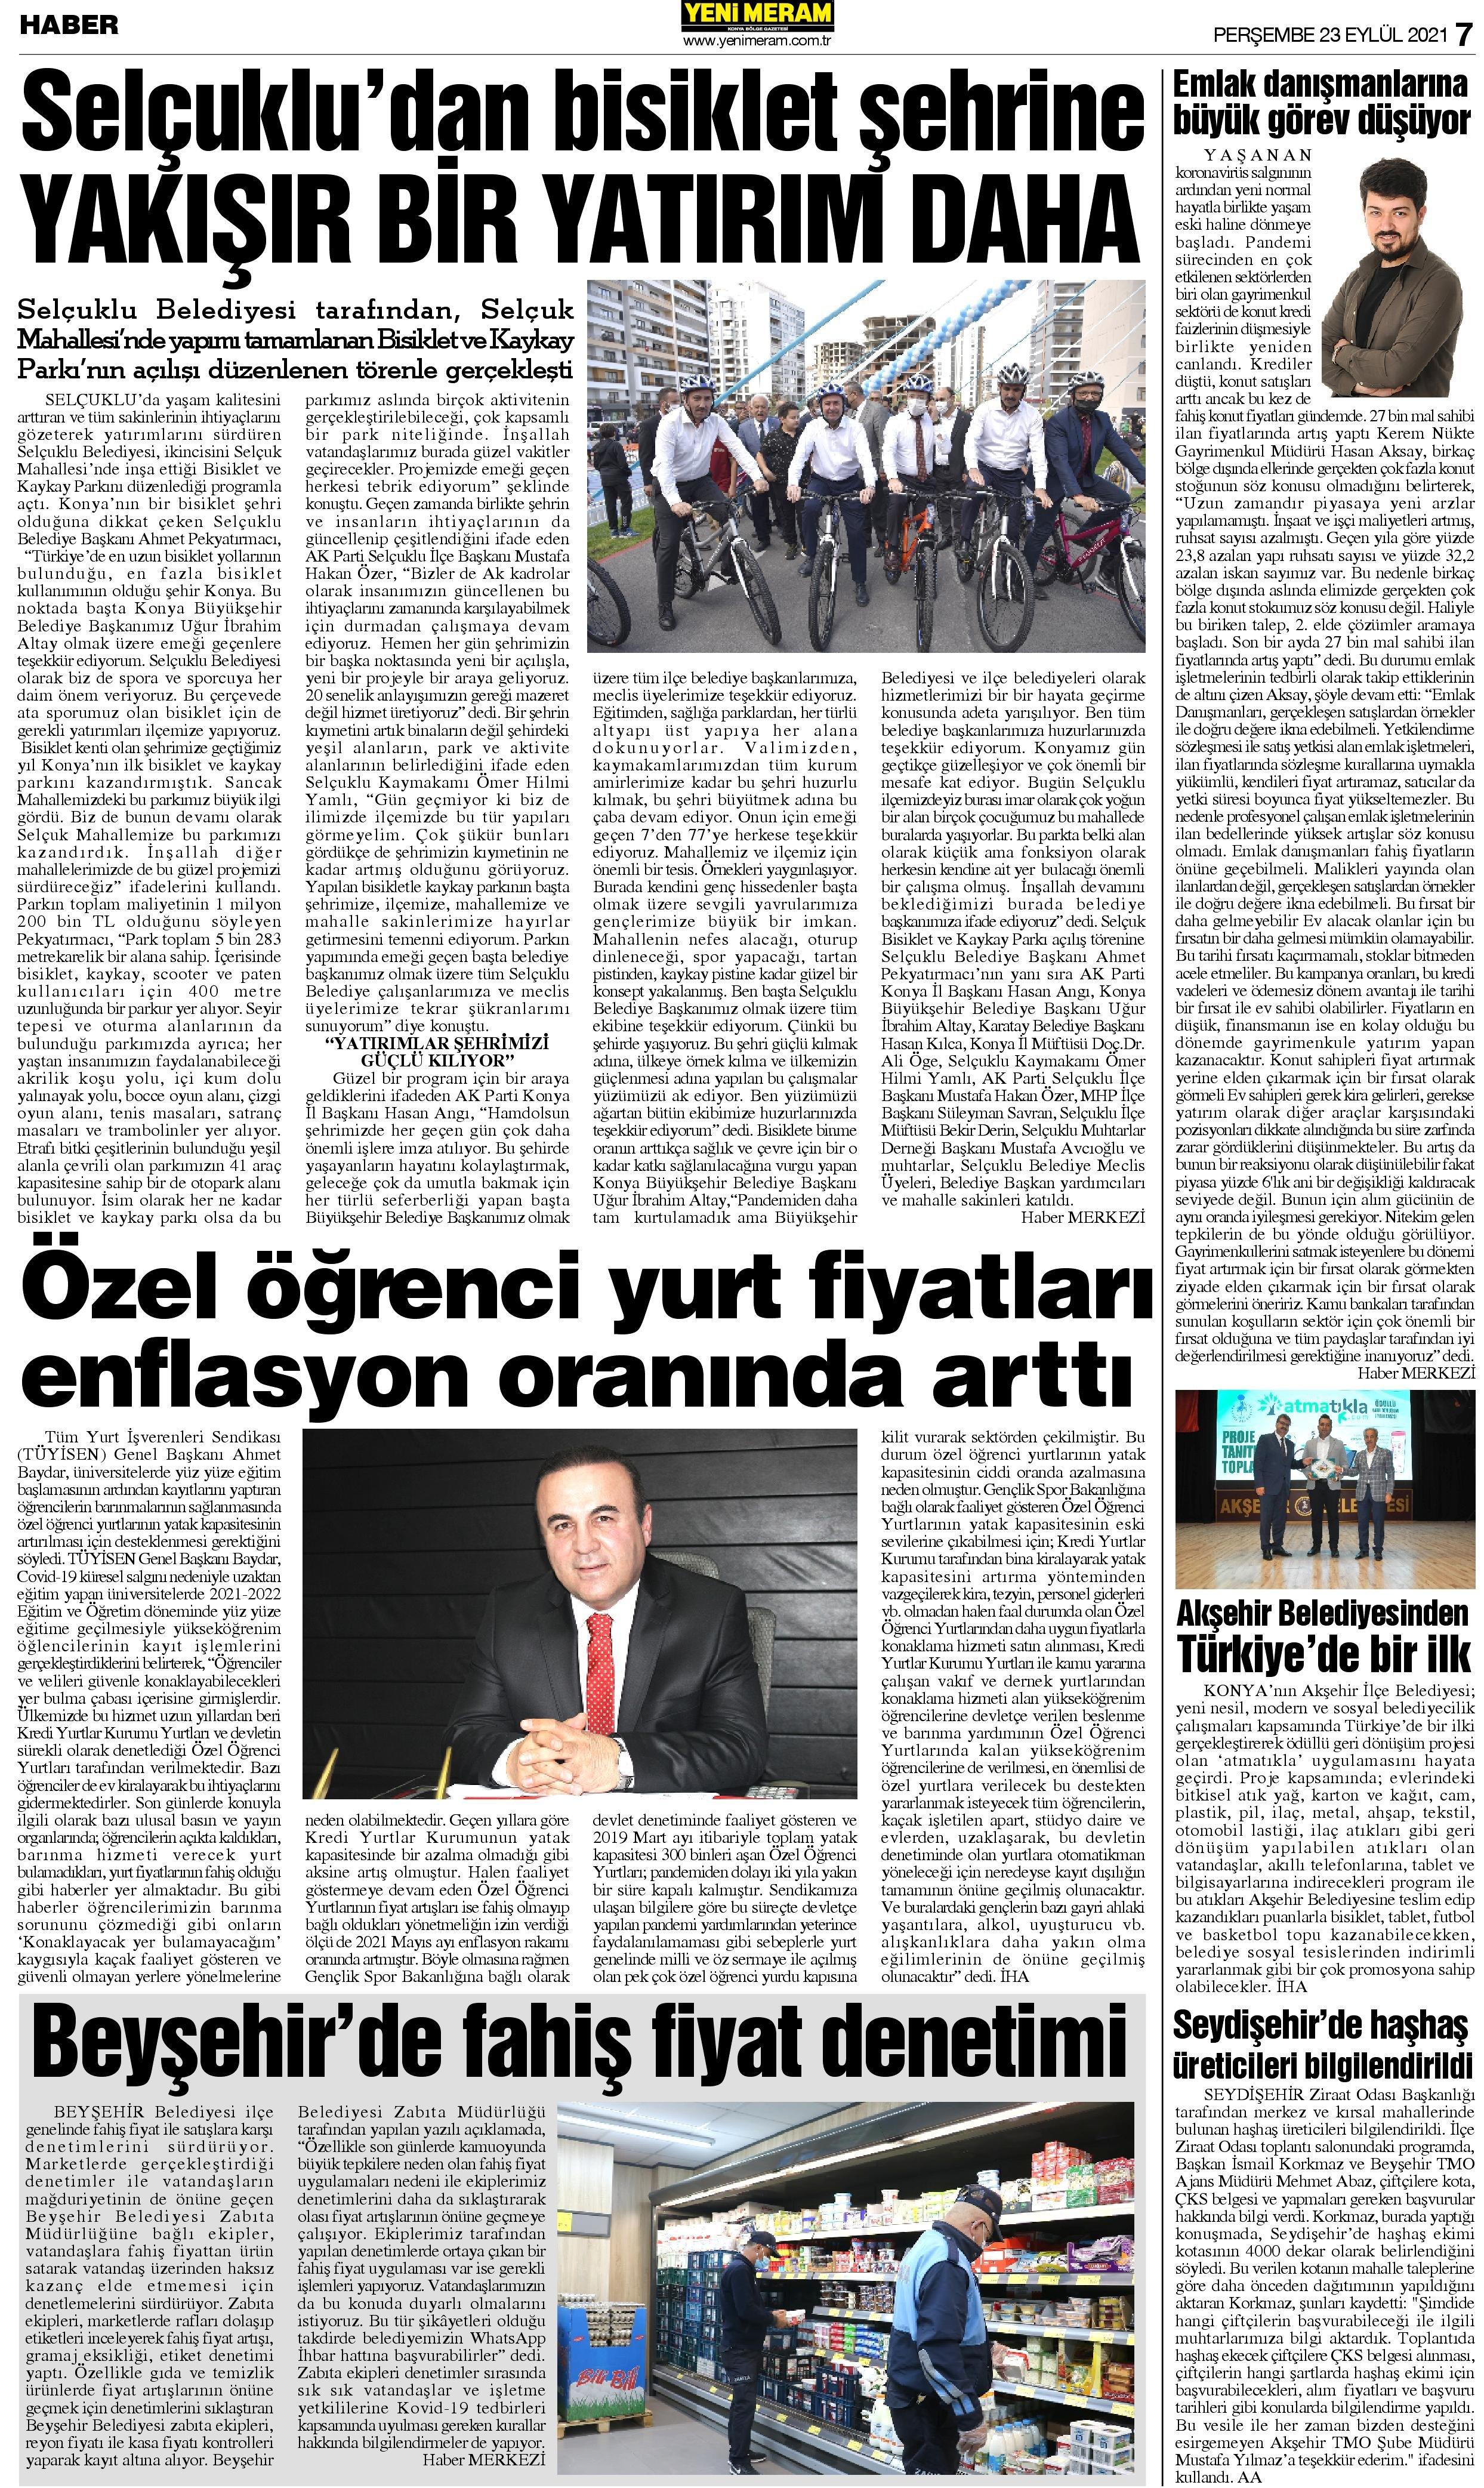 23 Eylül 2021 Yeni Meram Gazetesi